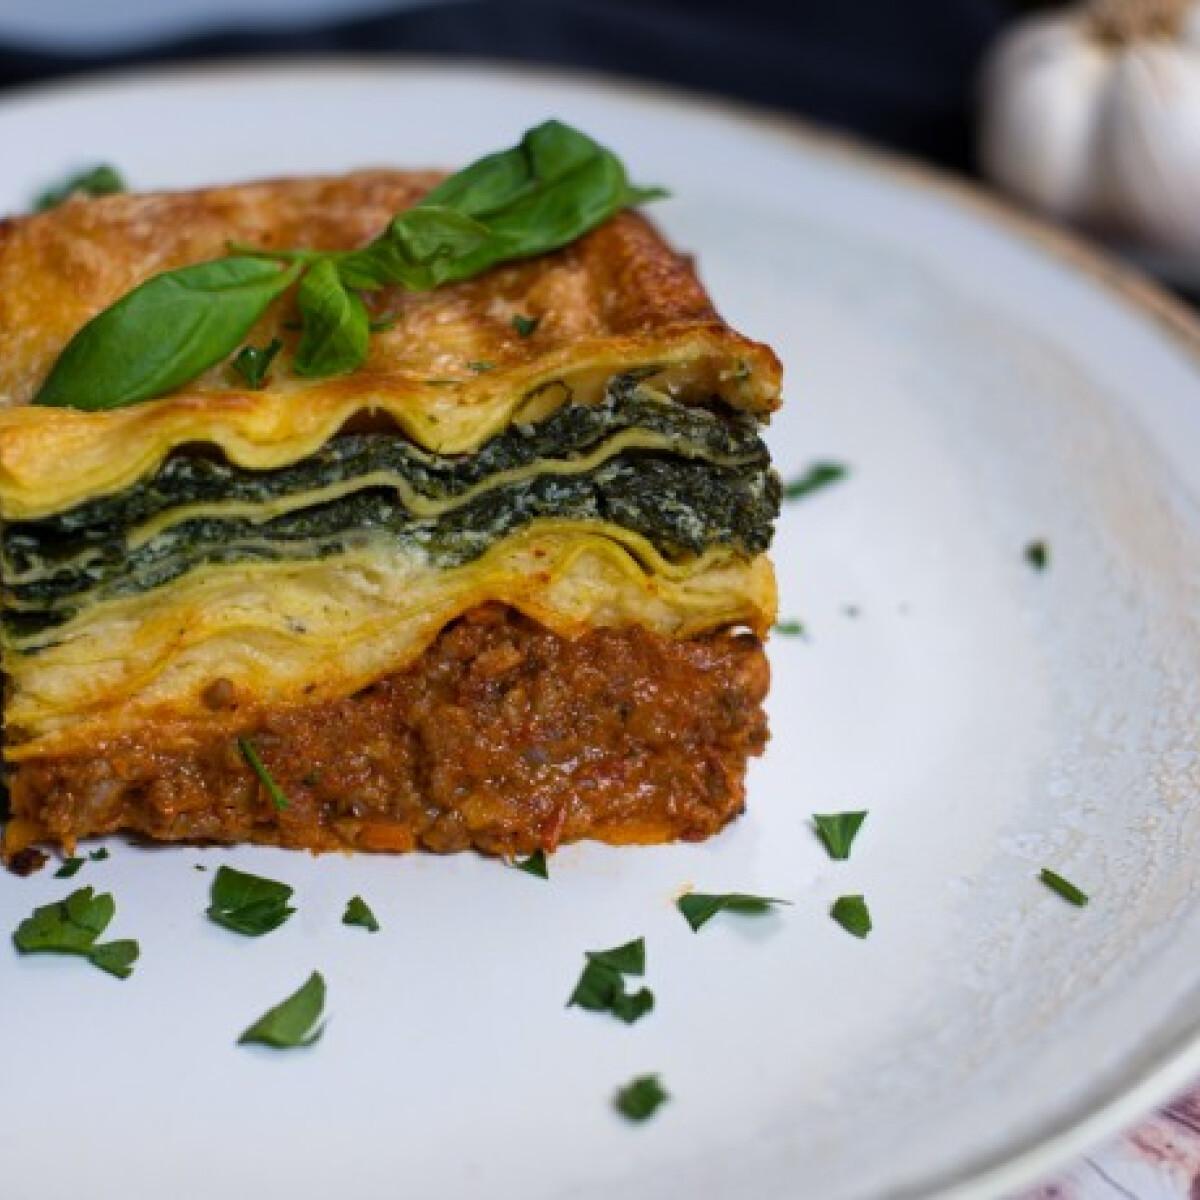 Ezen a képen: Trikolor lasagne